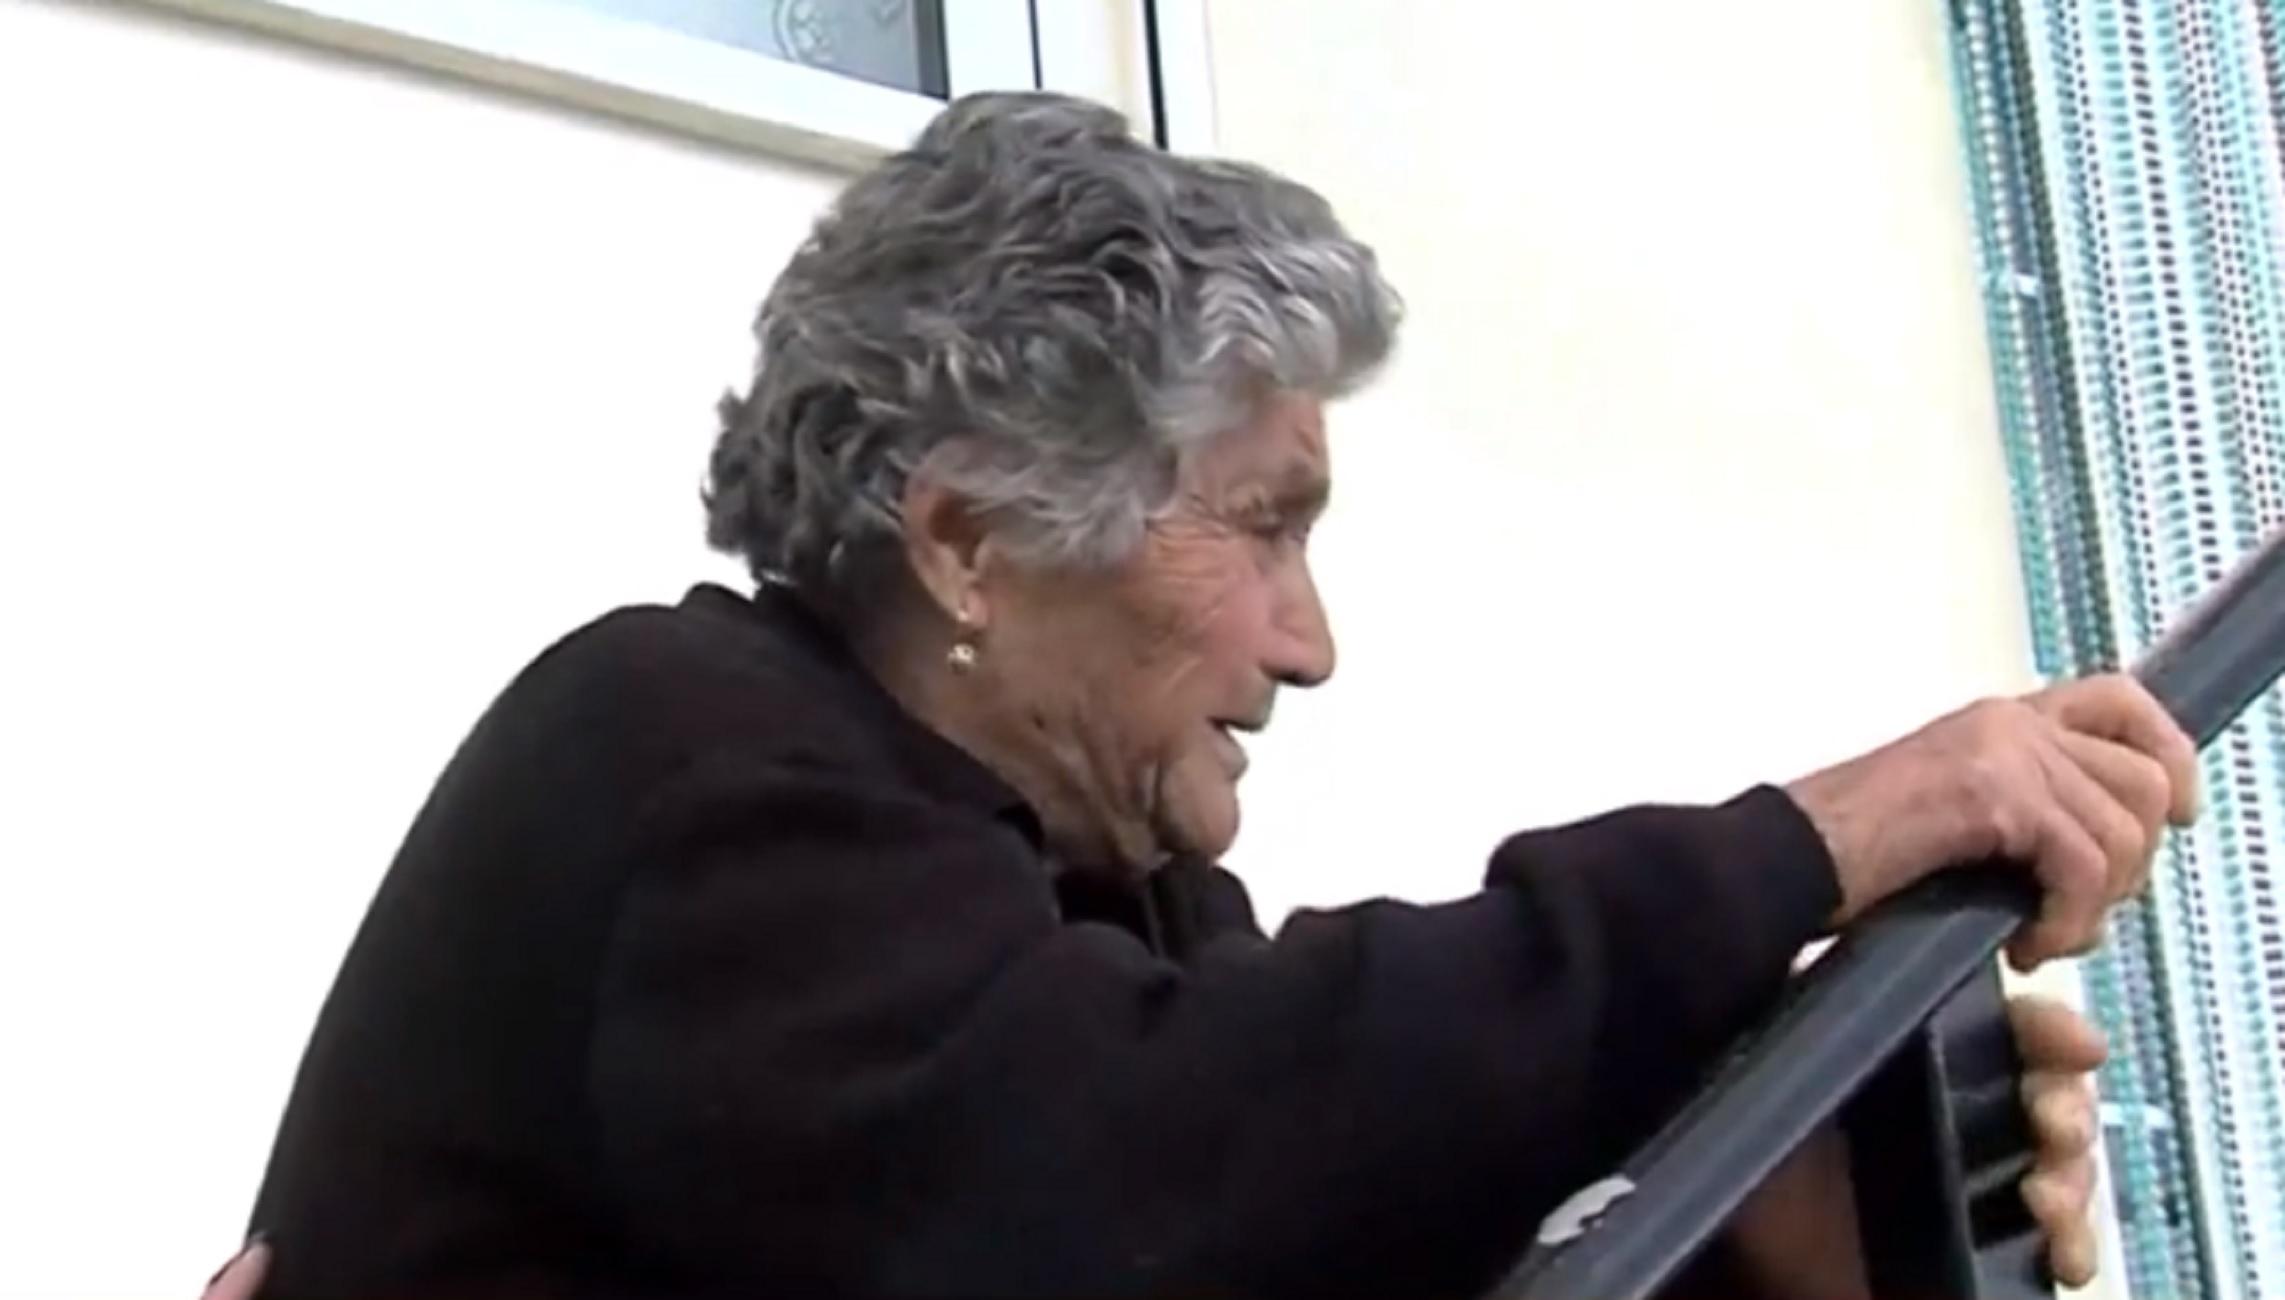 Κρήτη: To σπαρακτικό έθιμο πριν την κηδεία του μικρού Ζαχαρία – Βαφτίζεται η μικρή αδερφή του (video)